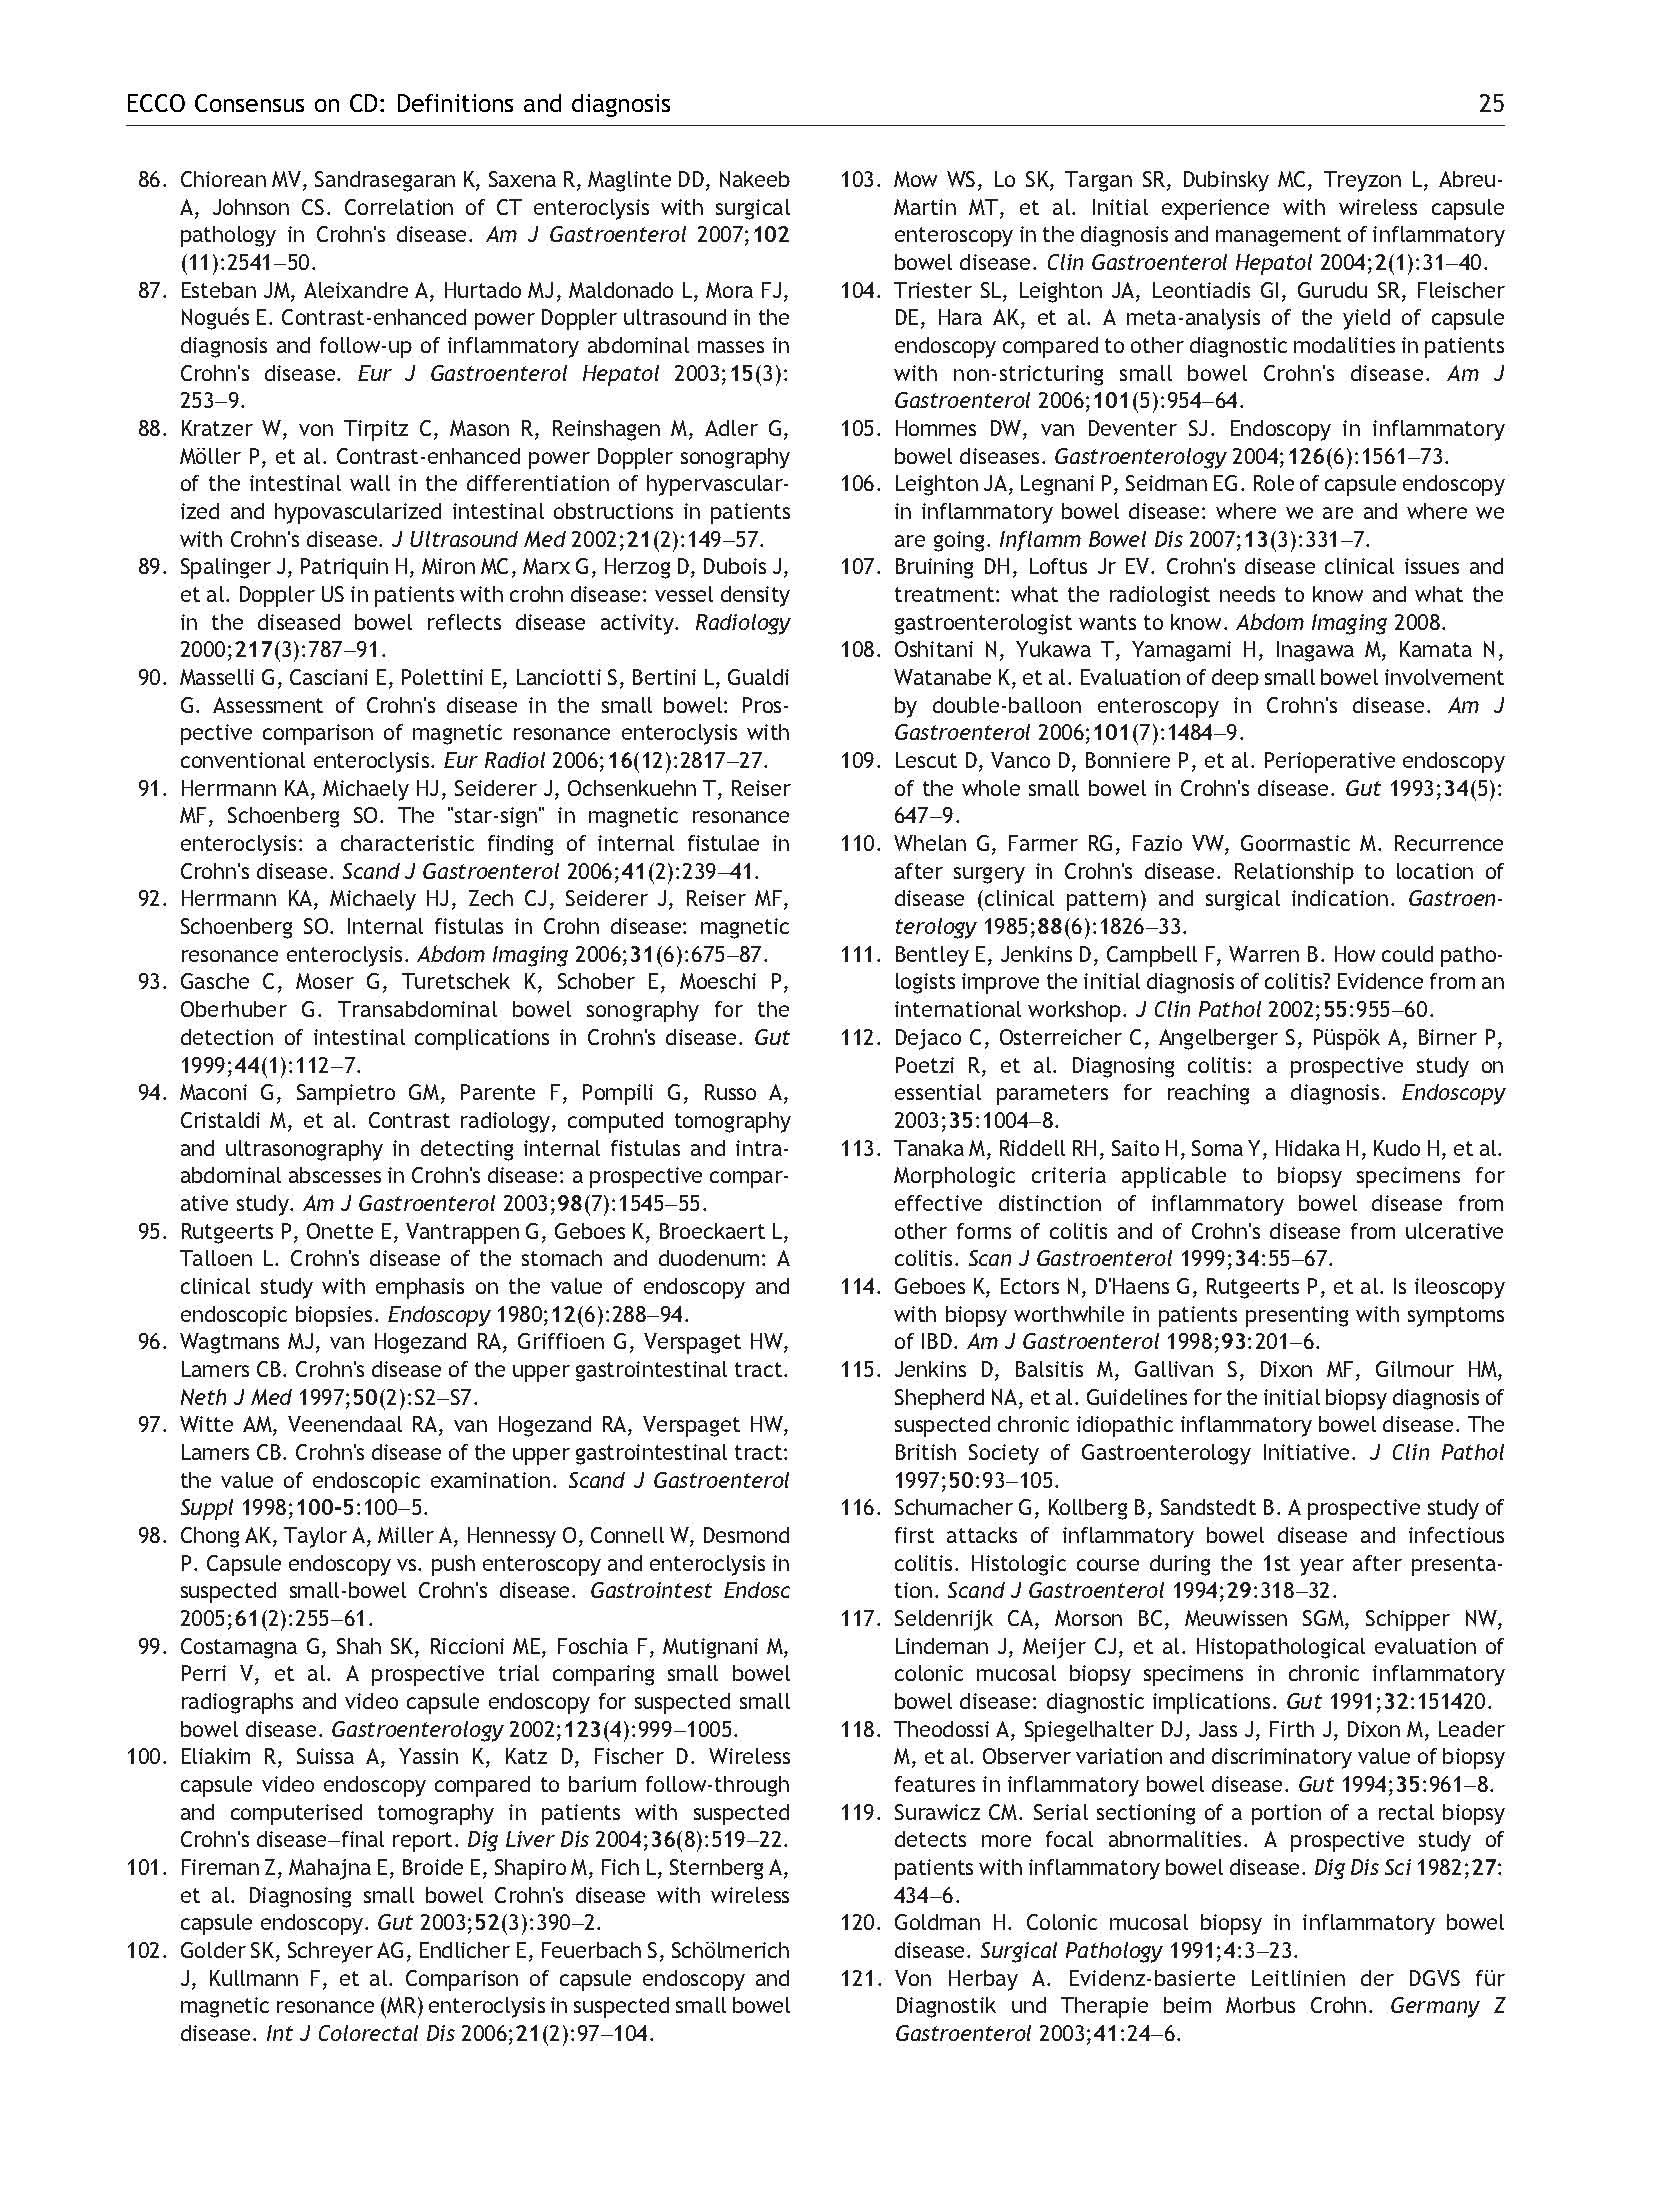 2_页面_19.jpg